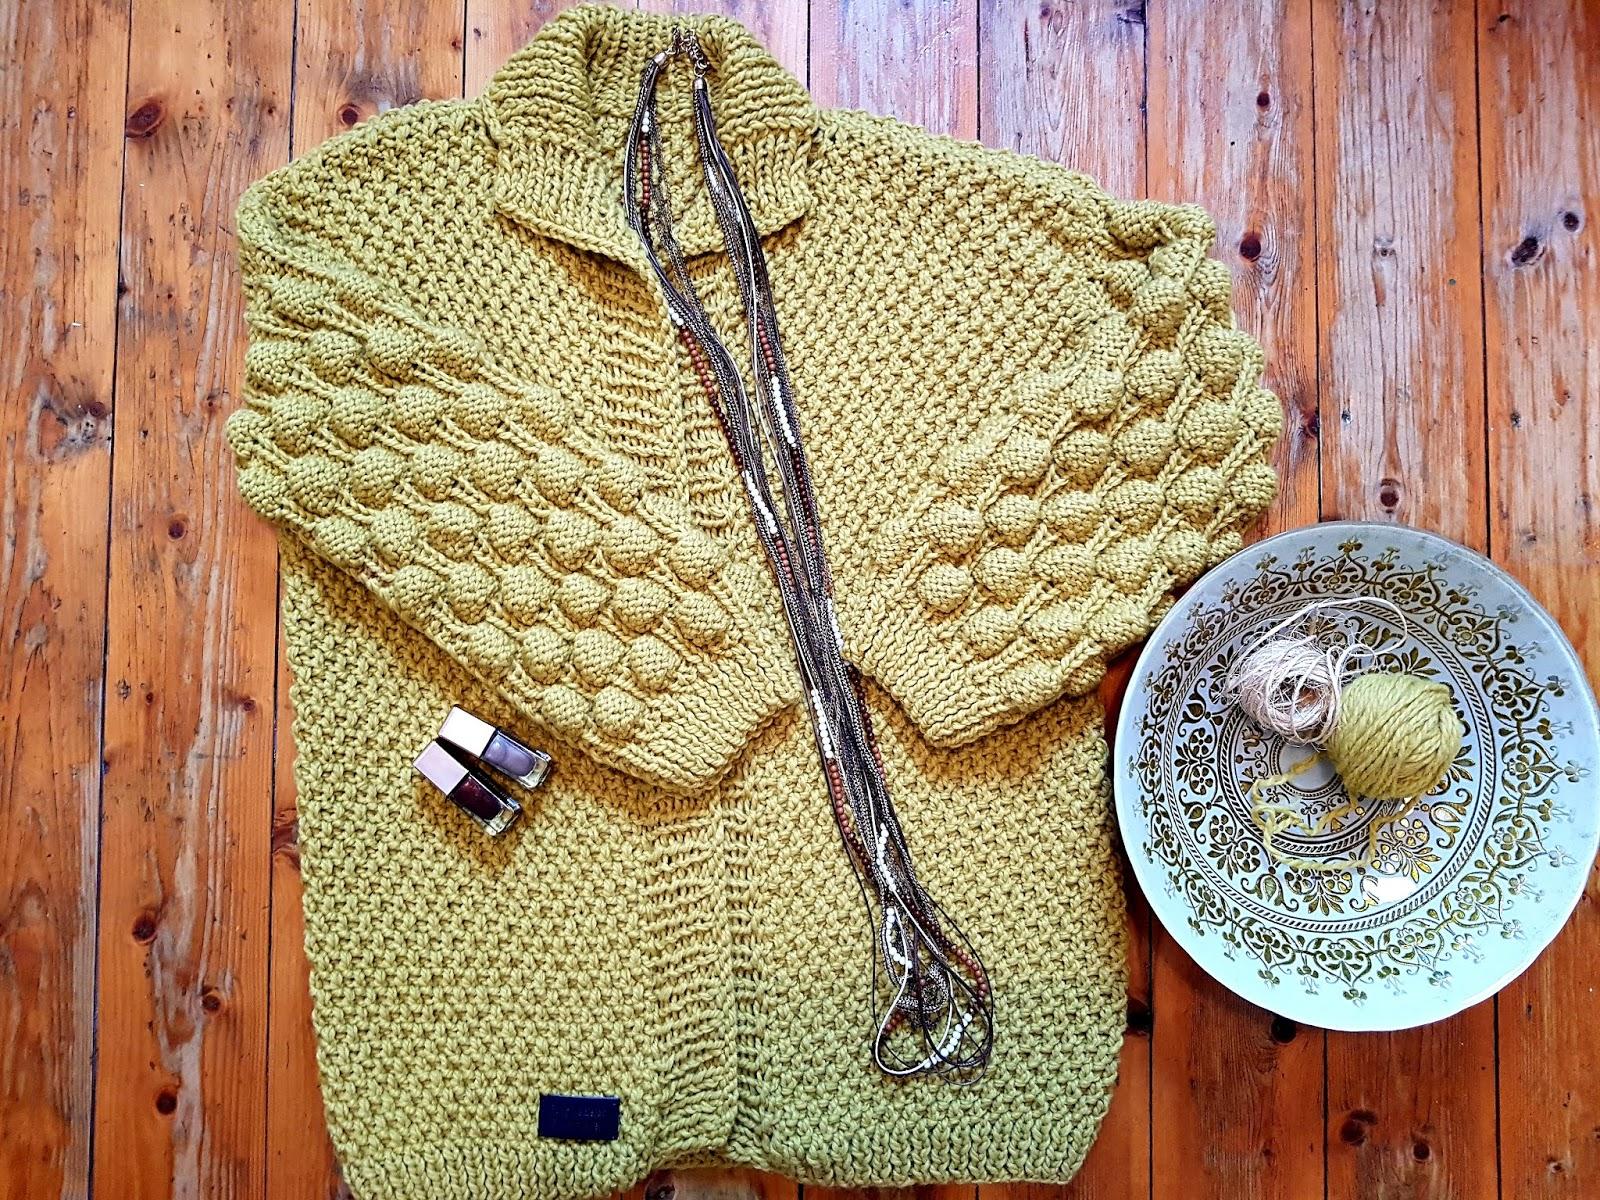 100g Strickgarn KARTOPU LULLA BABY Strick Wolle Babywolle ... | 1200x1600